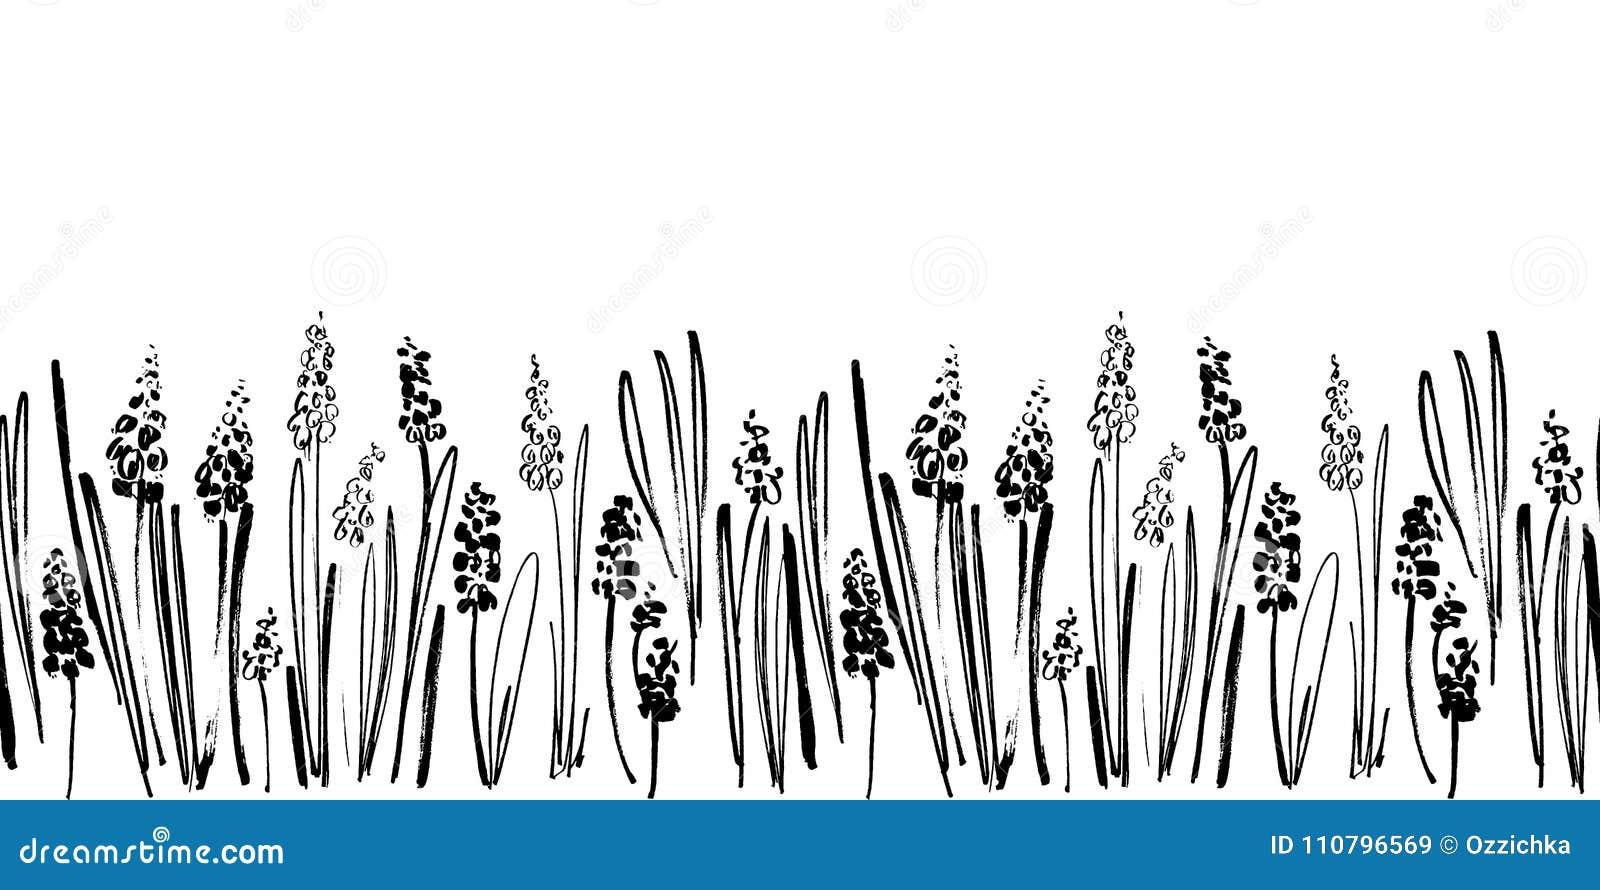 Vector naadloze grens met de hyacinten van de inkttekening, kruiden en bloemen, zwart-wit artistieke botanische illustratie